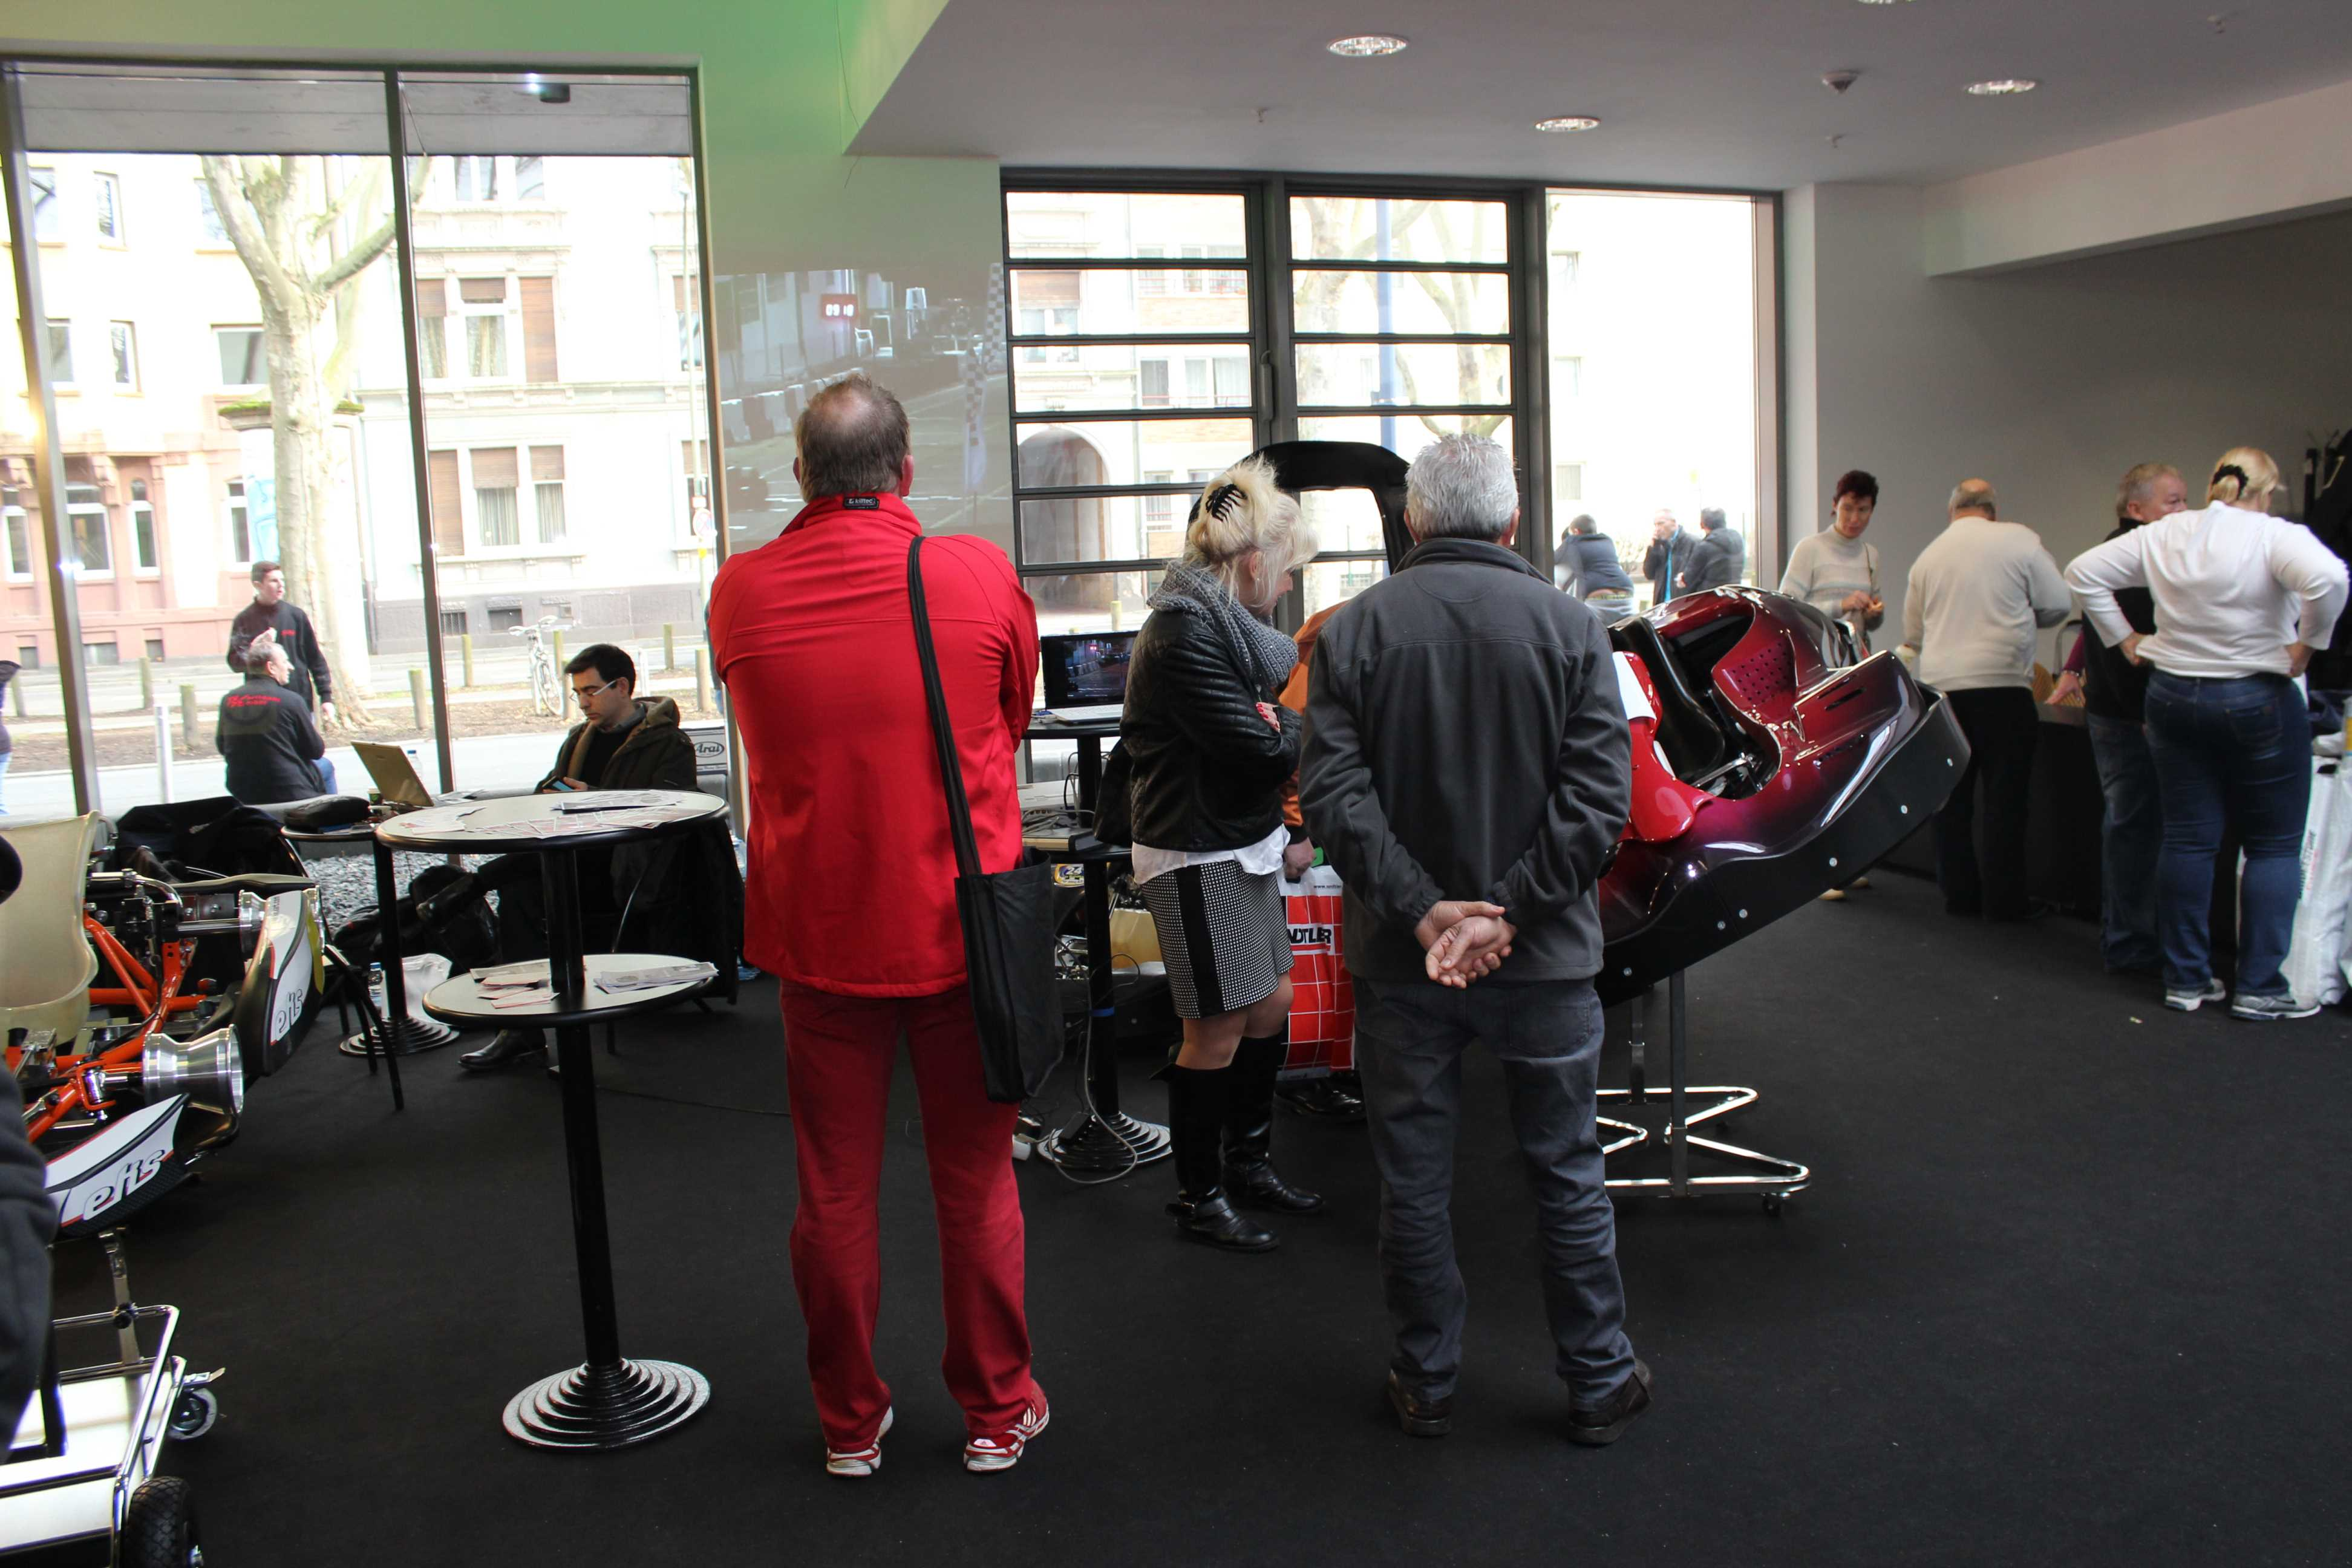 IZZI-FLEX Apresentação na Feira Internacional do Karting Alemanha11